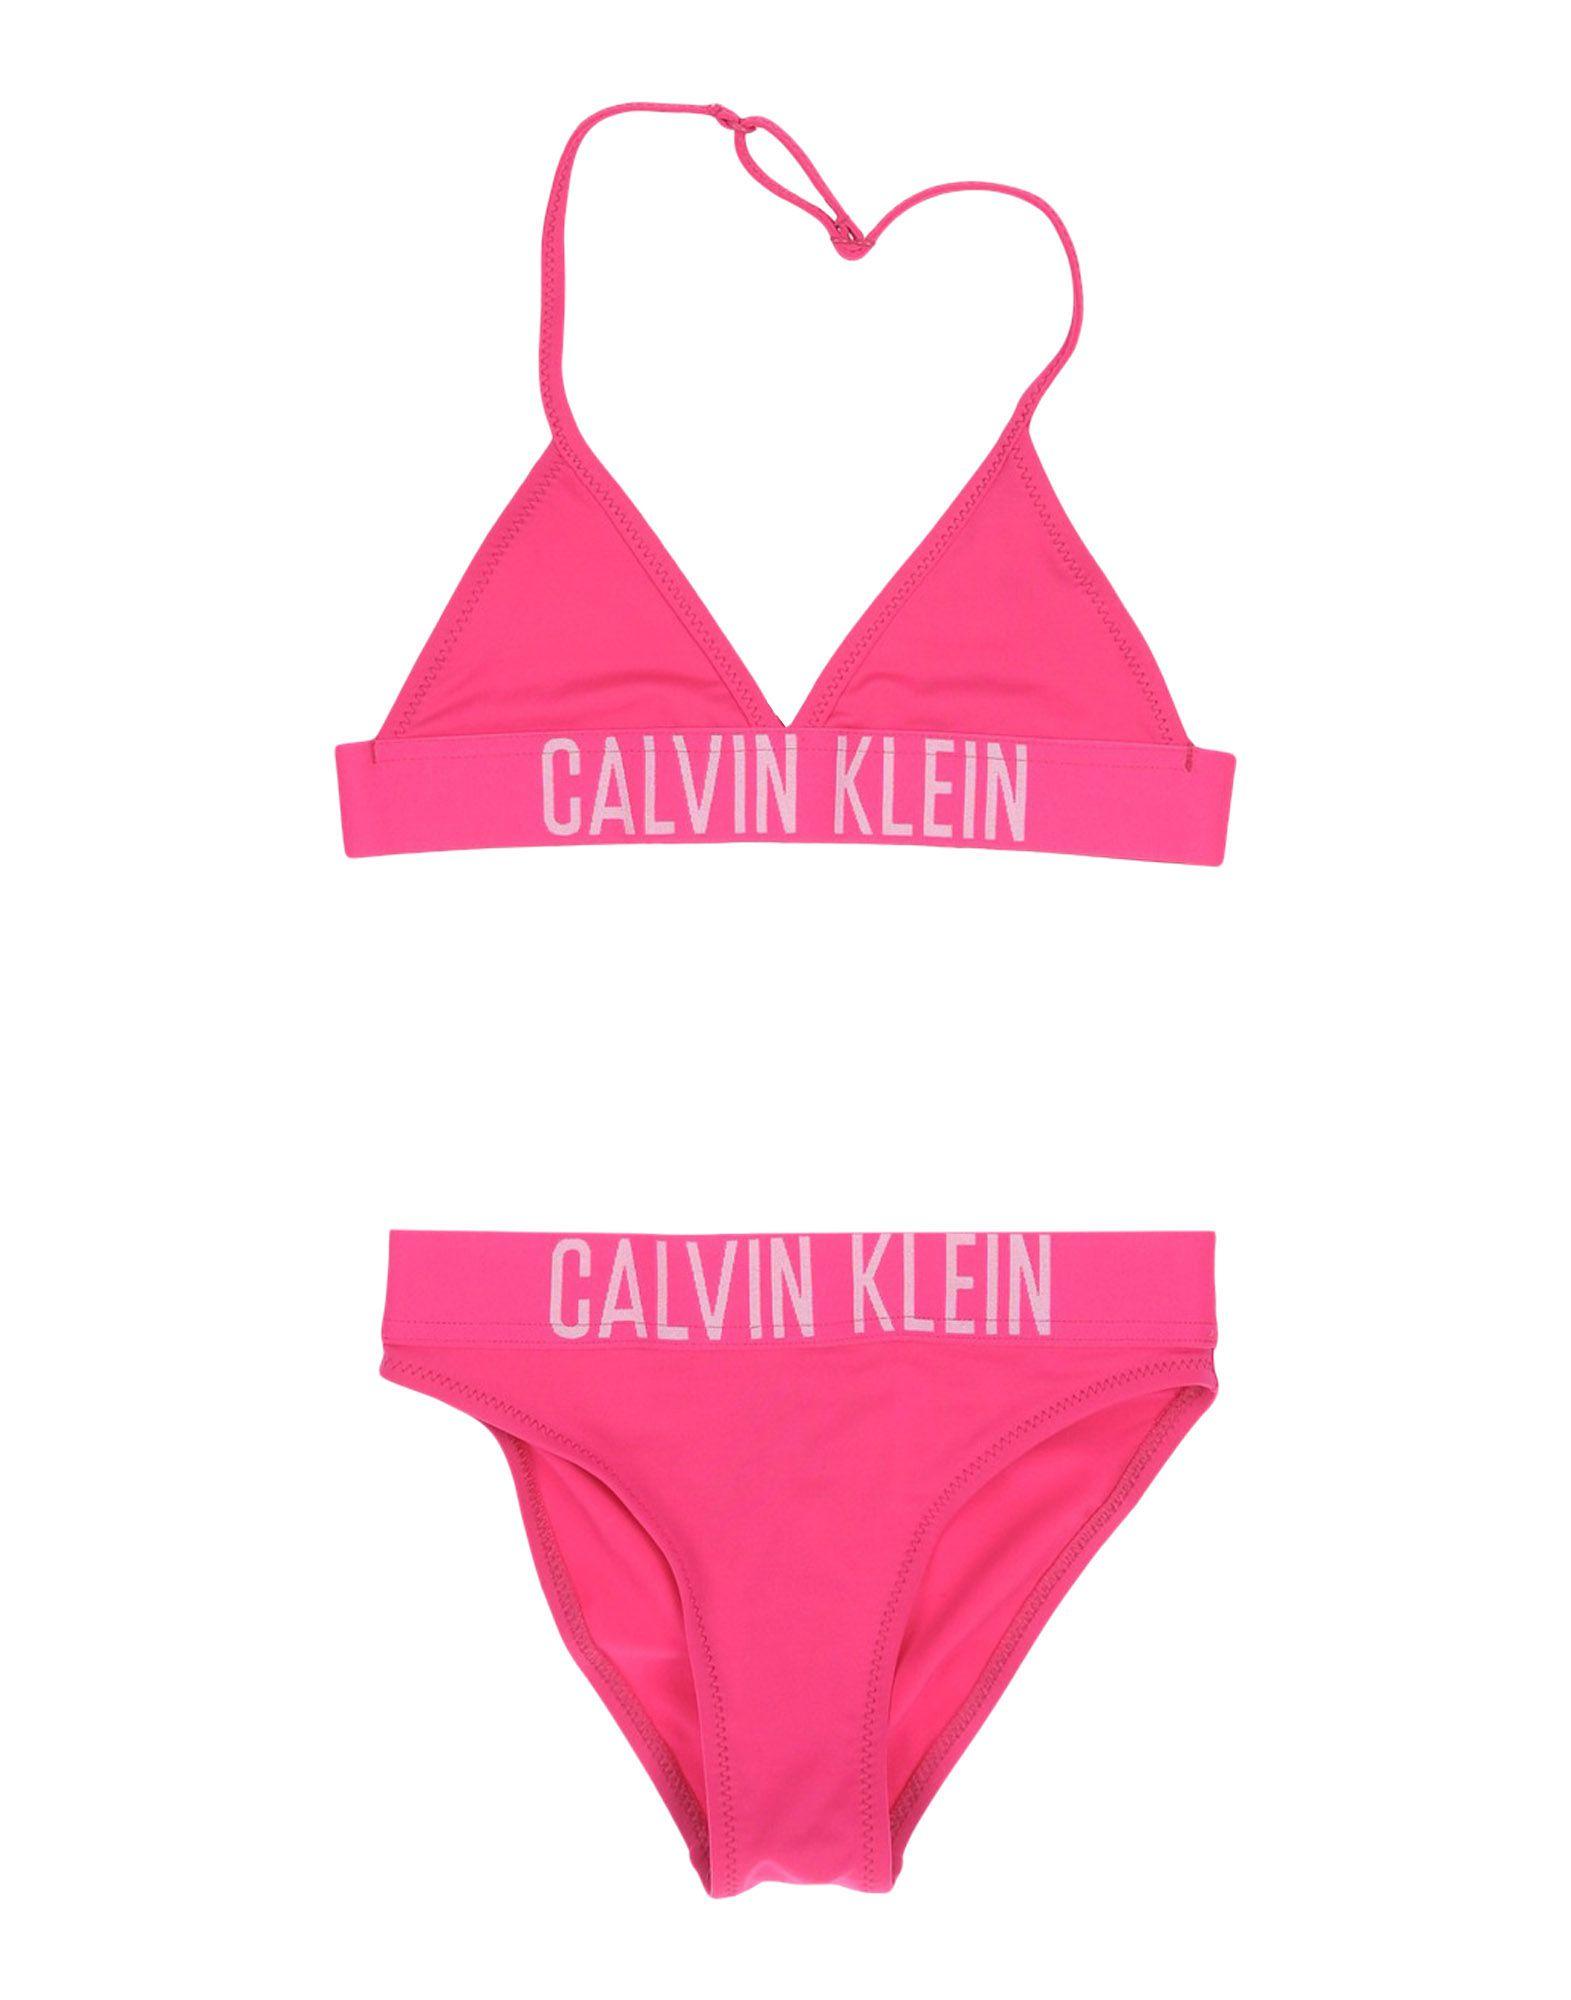 Calvin klein bikini pink